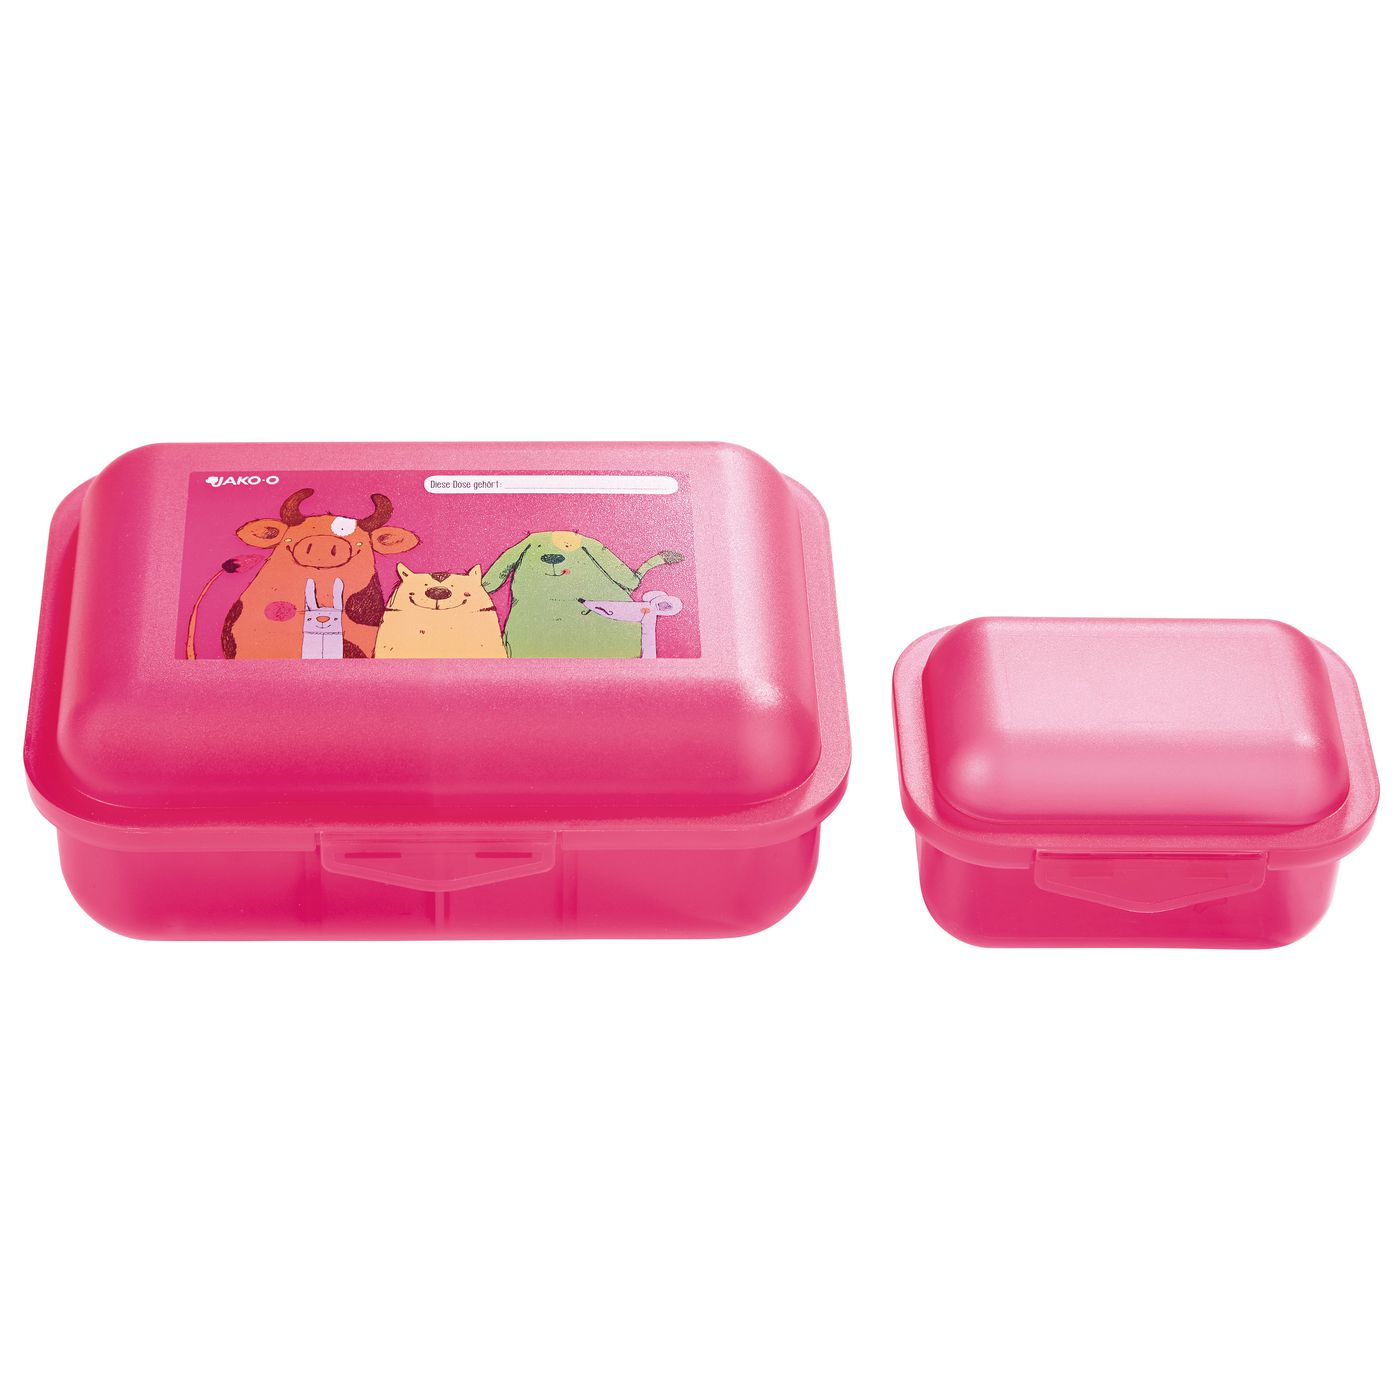 Дети коробка обеда JAKO‑O, с деление, 3 шт